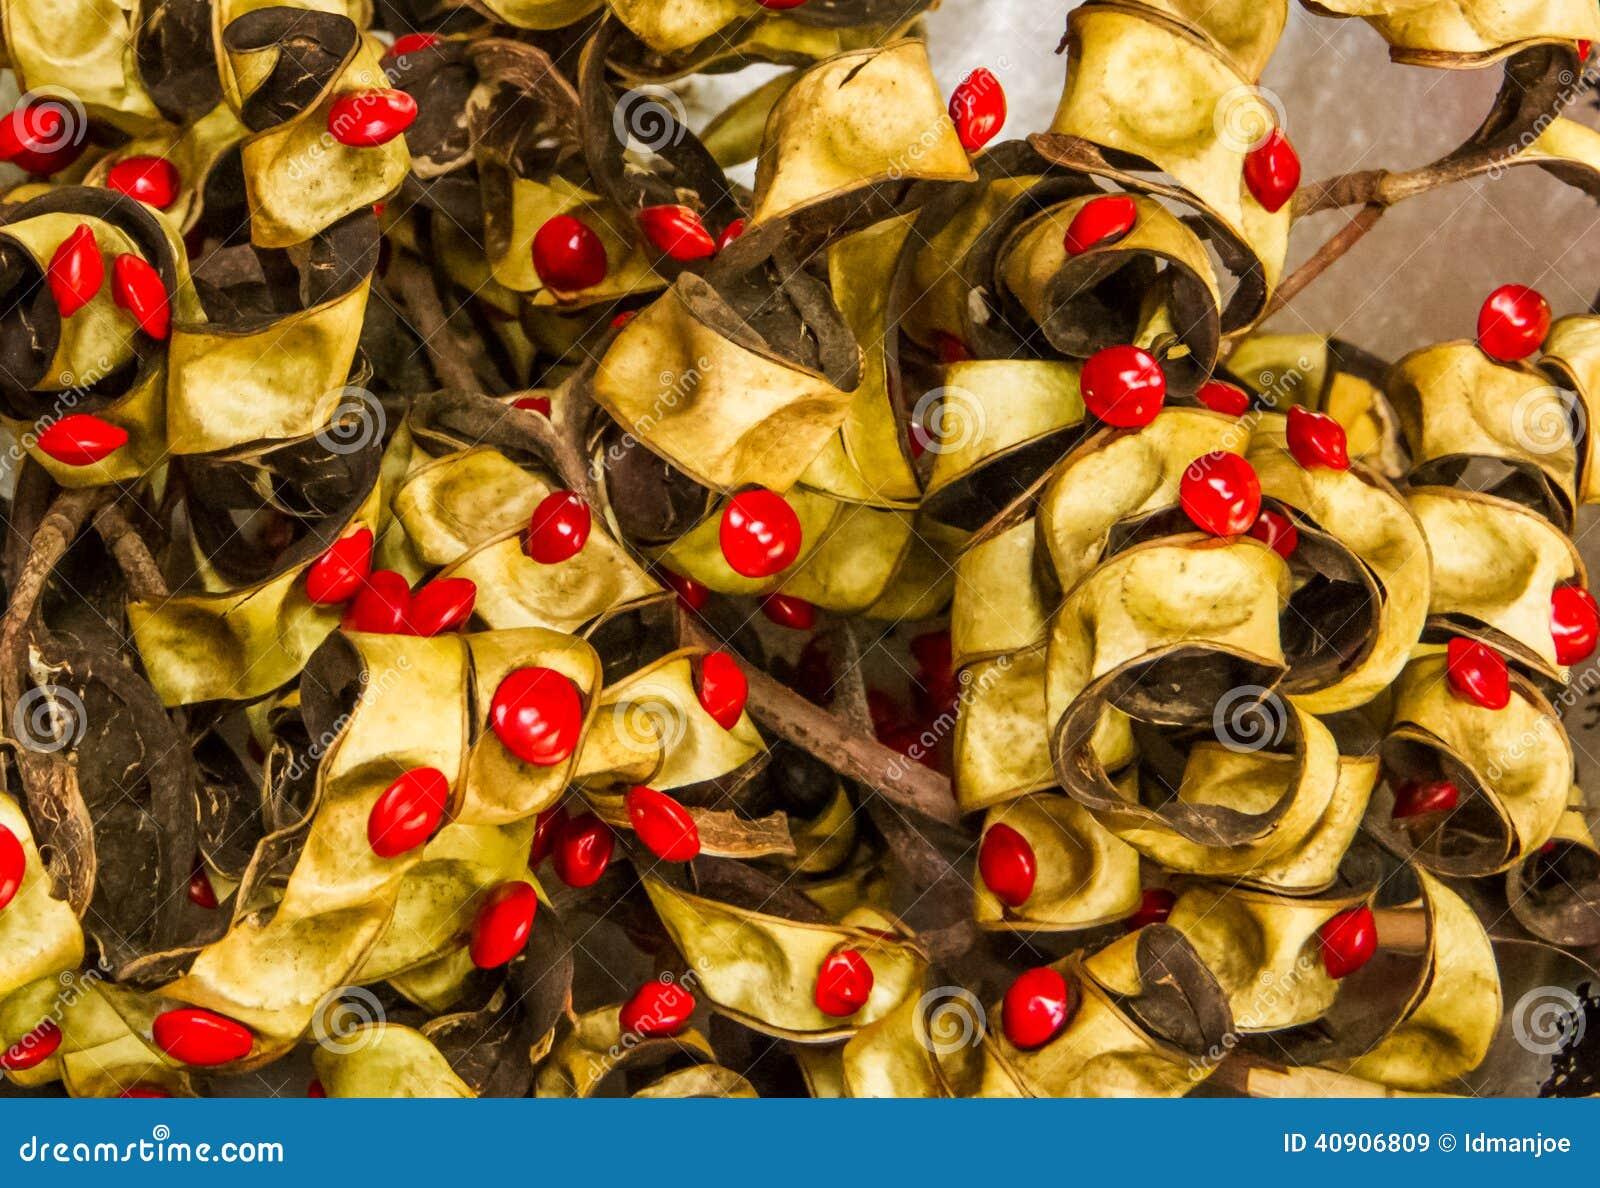 Red sandlewood seeds